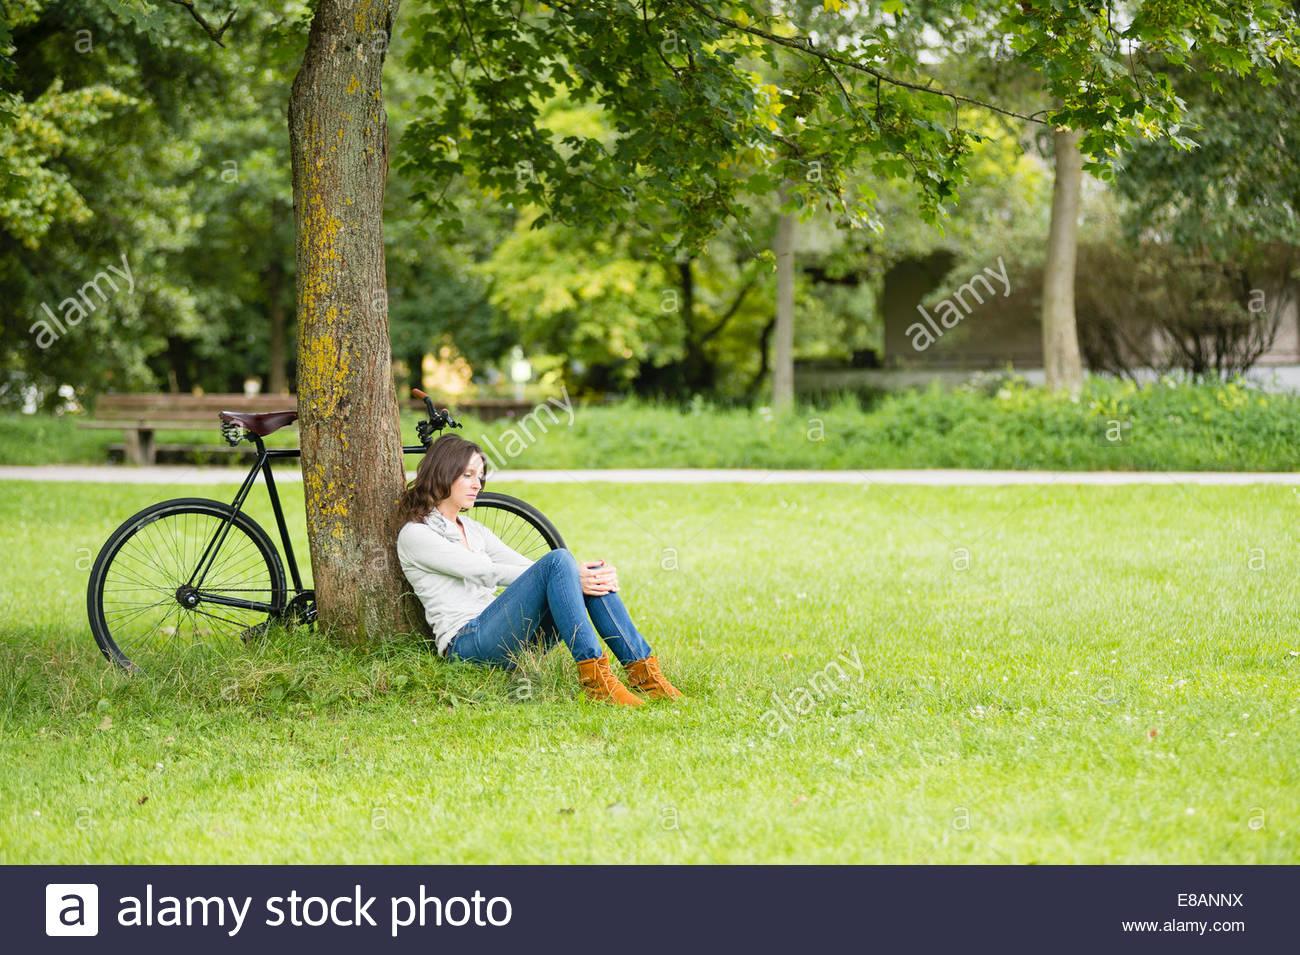 Mujer adulta media ciclista sentado contra el árbol de estacionamiento Imagen De Stock